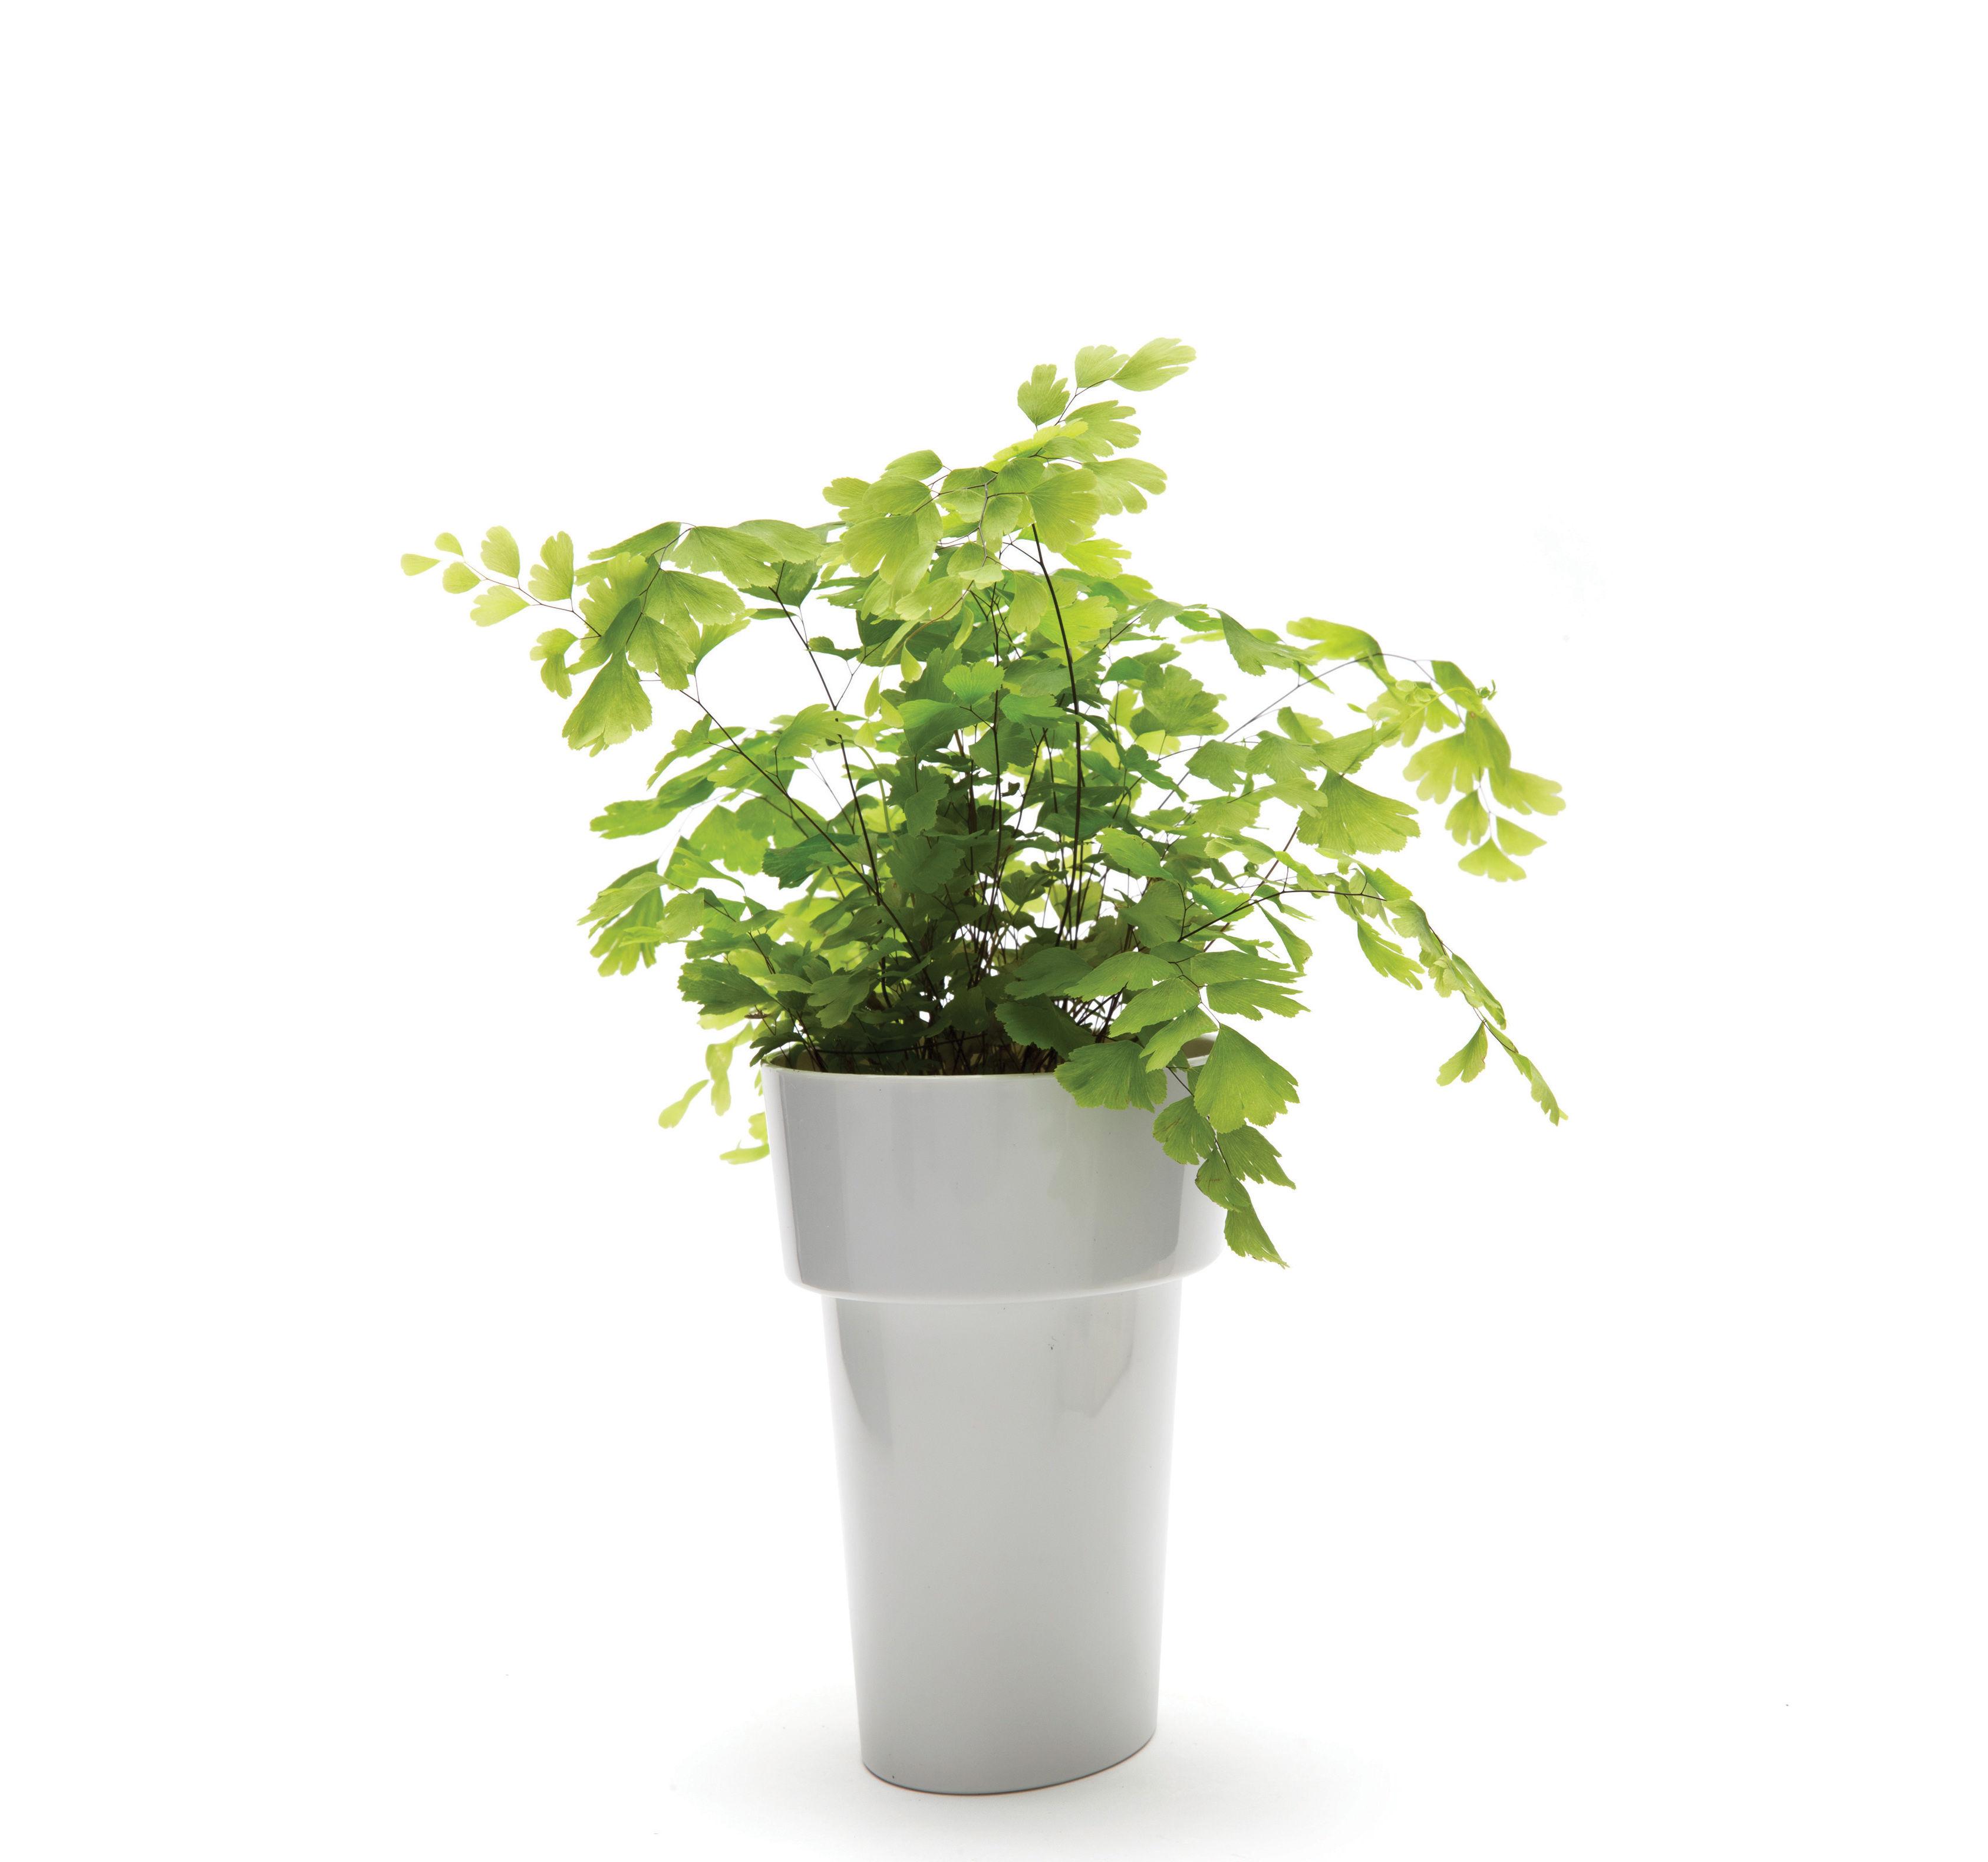 pot de fleurs slim pa design gris h 13 5 made in design. Black Bedroom Furniture Sets. Home Design Ideas